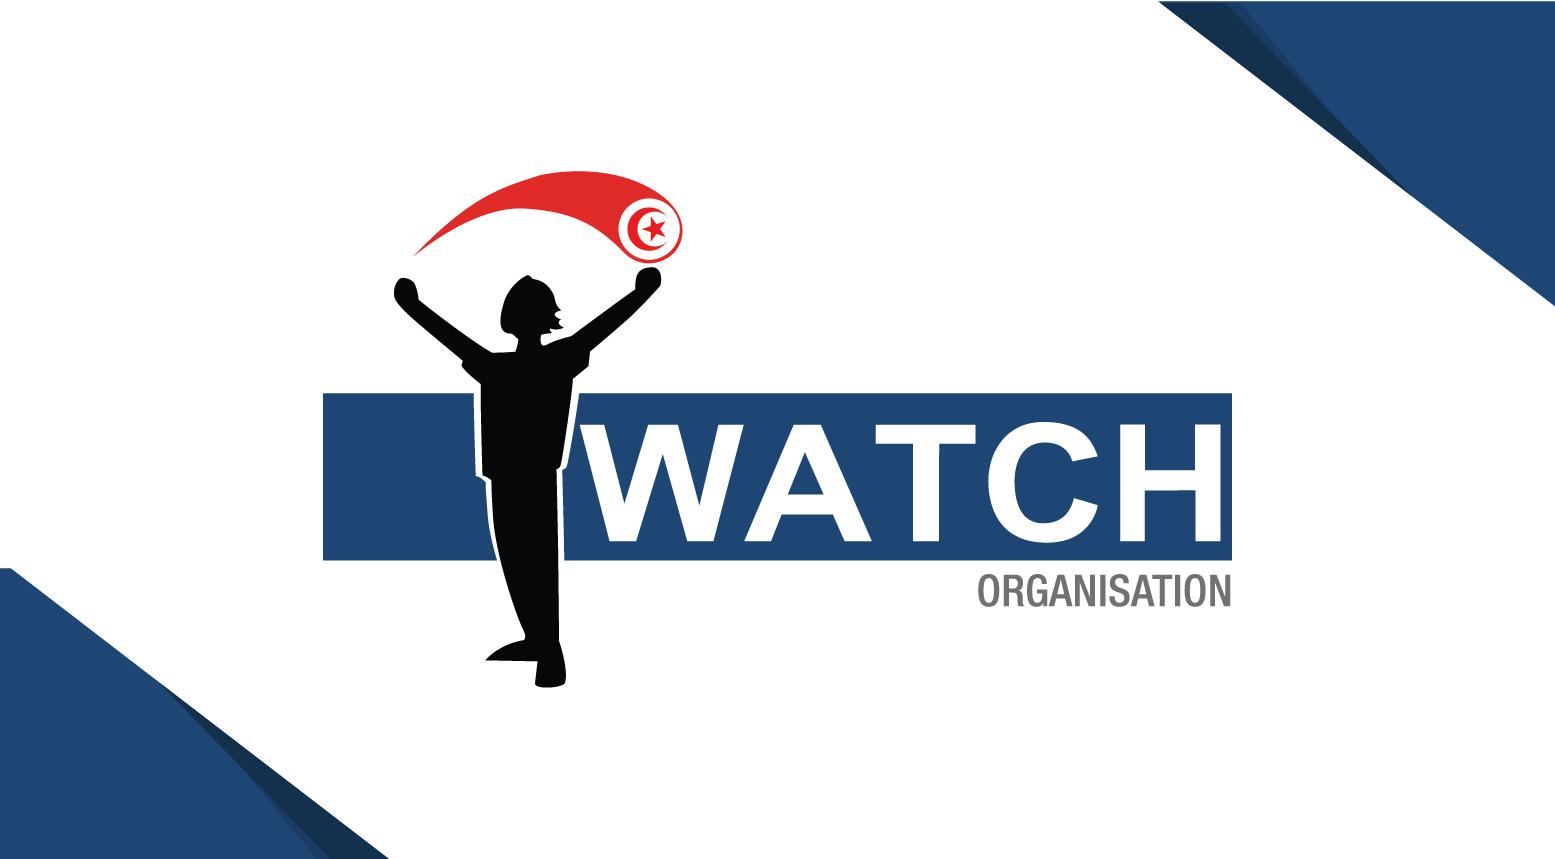 Tunisie- Affaire Nabil Karoui et implication Taieb Rached: IWATCH appelle à l'ouverture d'une enquête